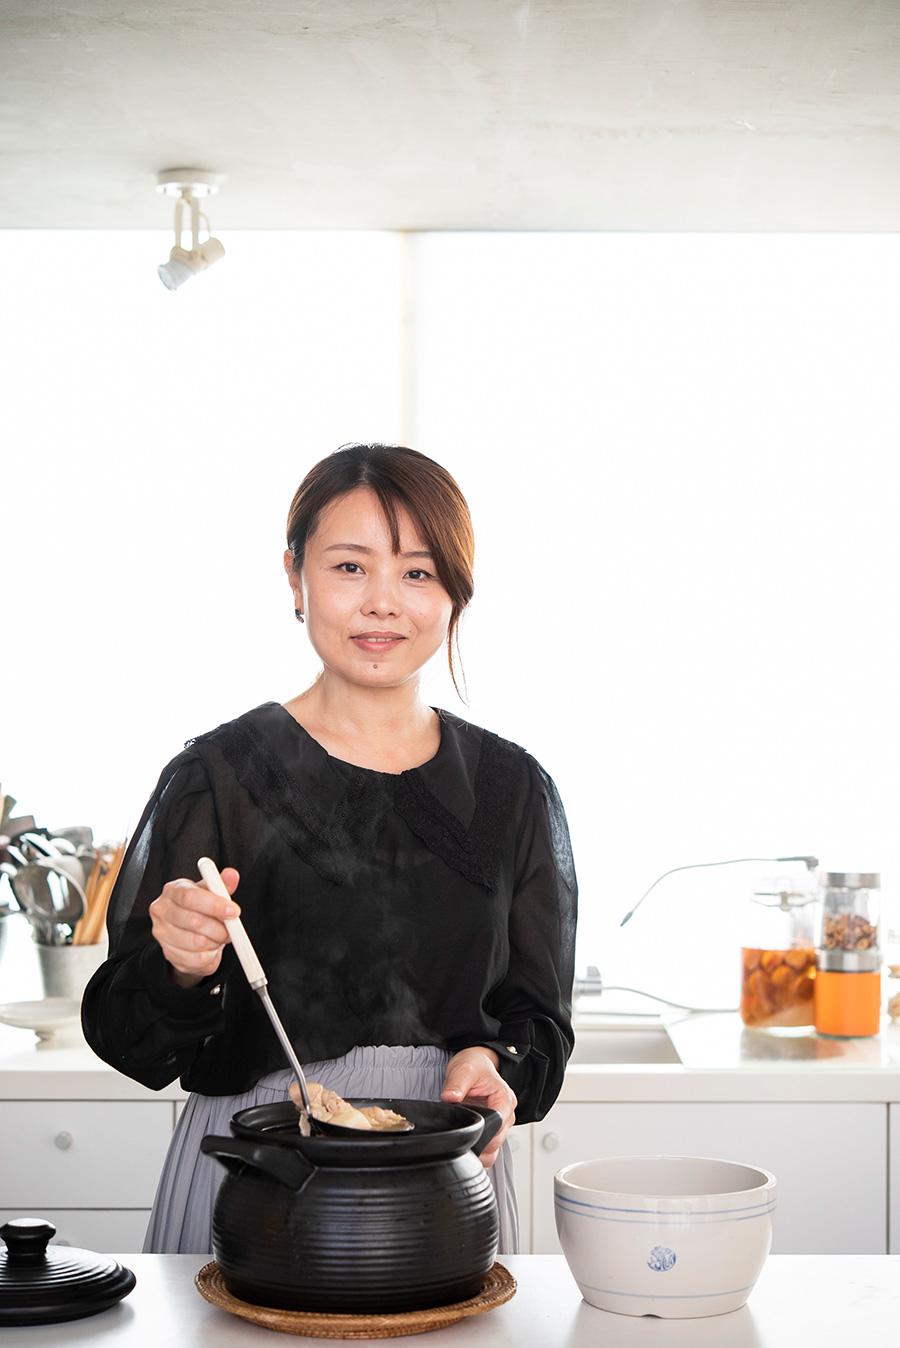 アジア料理研究家、国際中医薬膳師の外処佳絵さん。アジア各国で学んだ料理を、自宅で開く料理教室「PANDA KITCHEN」で伝える。